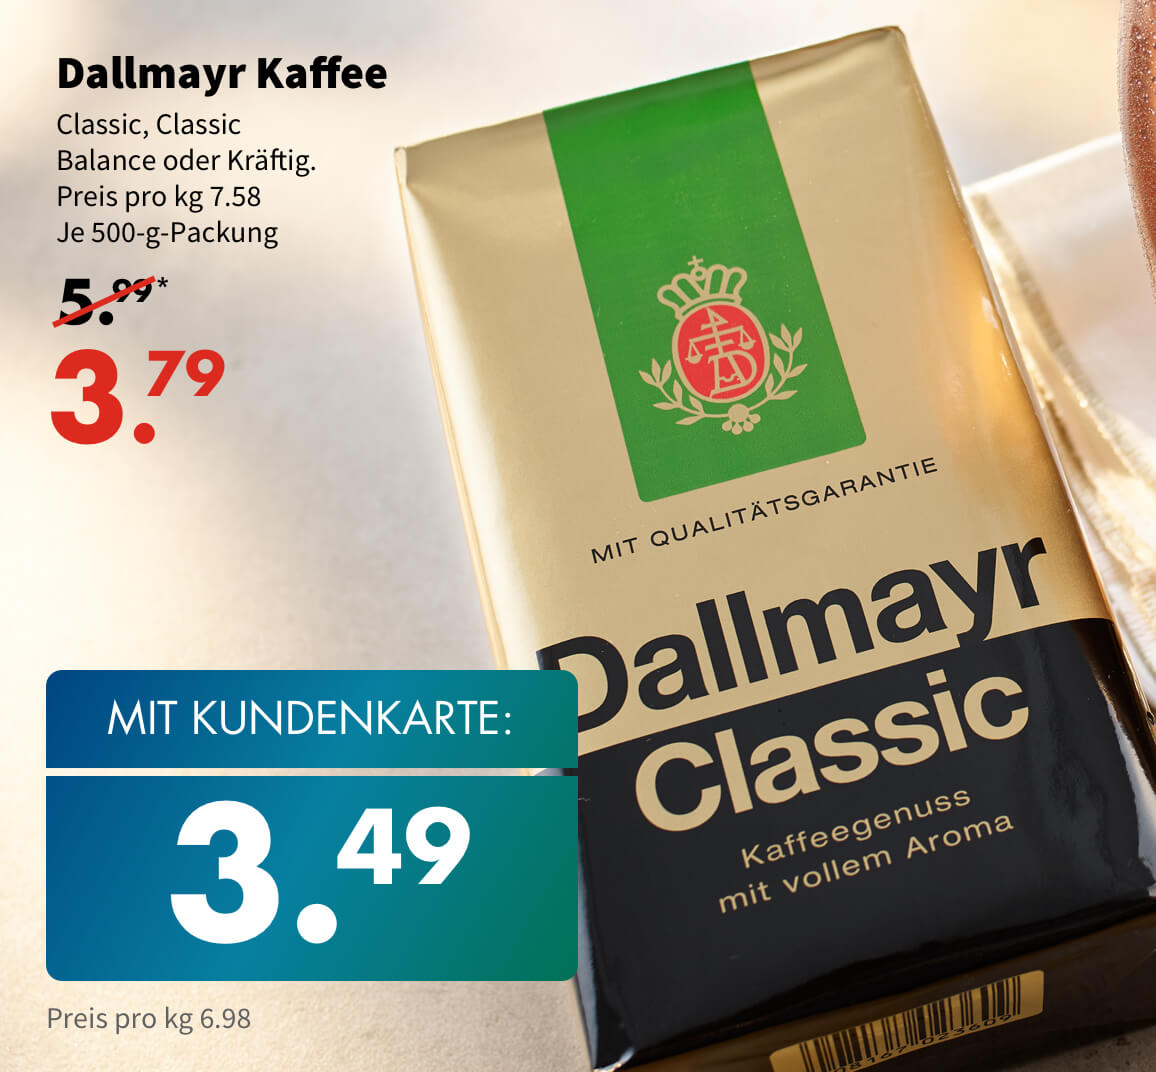 Karstadt kundenkarte vorteile